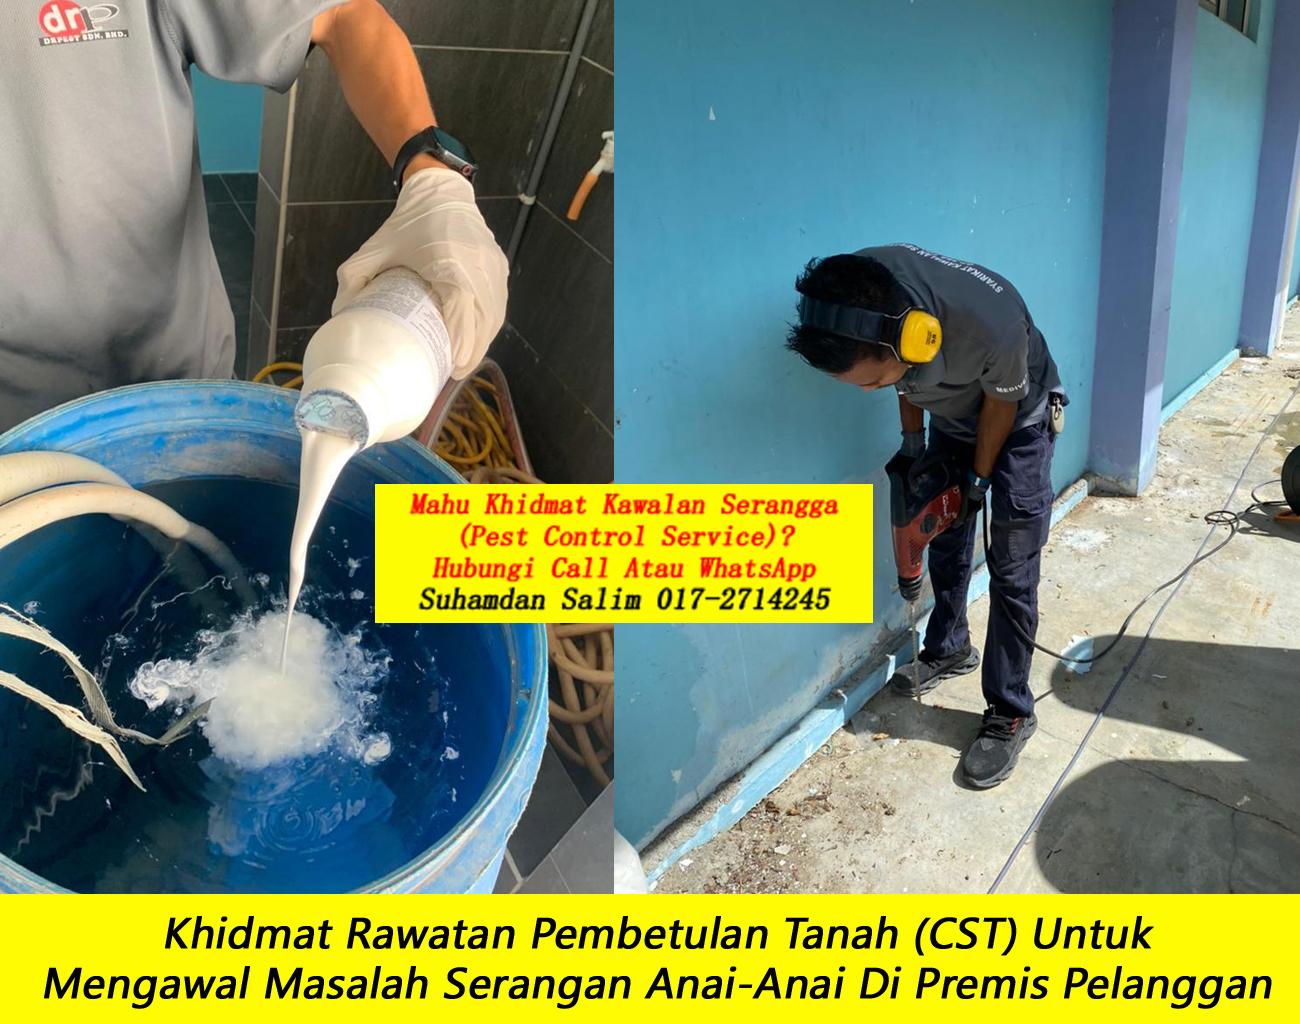 khidmat rawatan dan pencegahan masalah anai anai di Bukit Nanas kl oleh syarikat kawalan serangga company pest control kawalan anai anai yang berkesan terbaik di felda